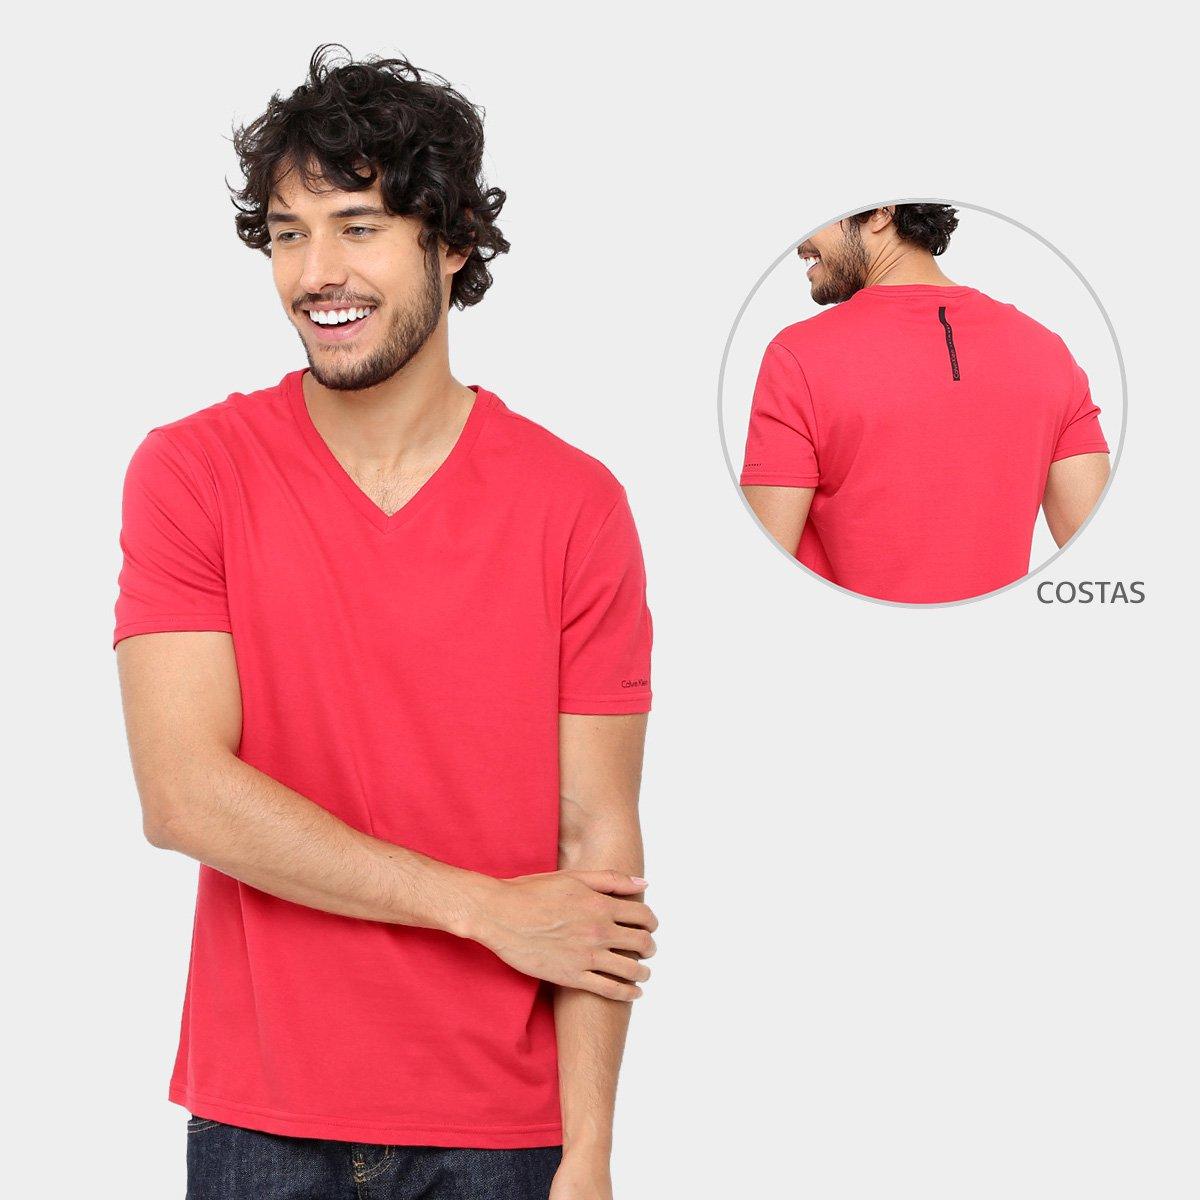 82b39943133fa Camiseta Calvin Klein Gola V Cavada Masculina - Compre Agora